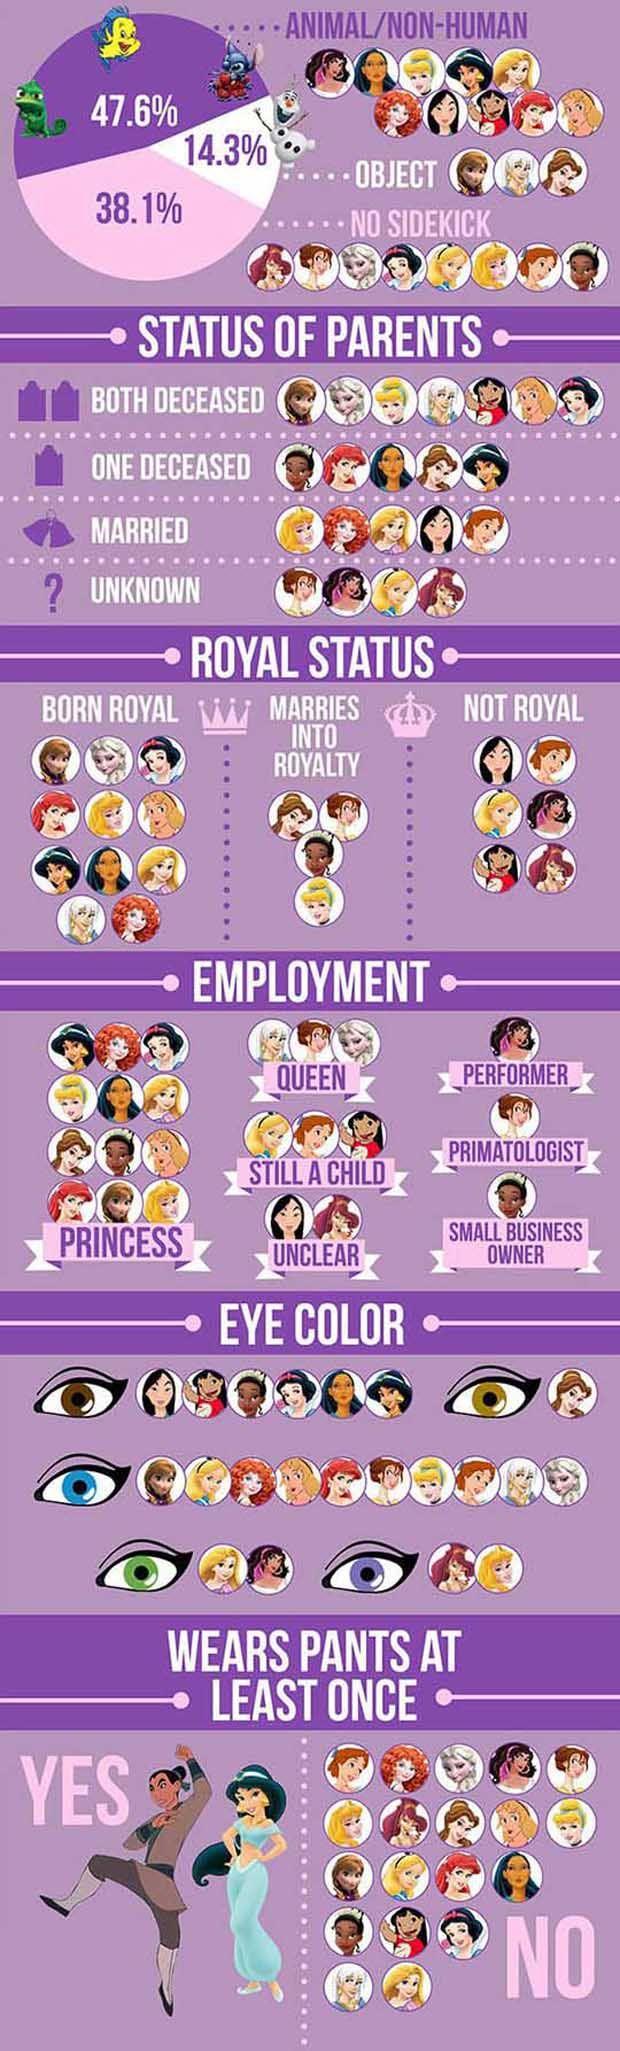 Disney Animated Ladies Census part 3